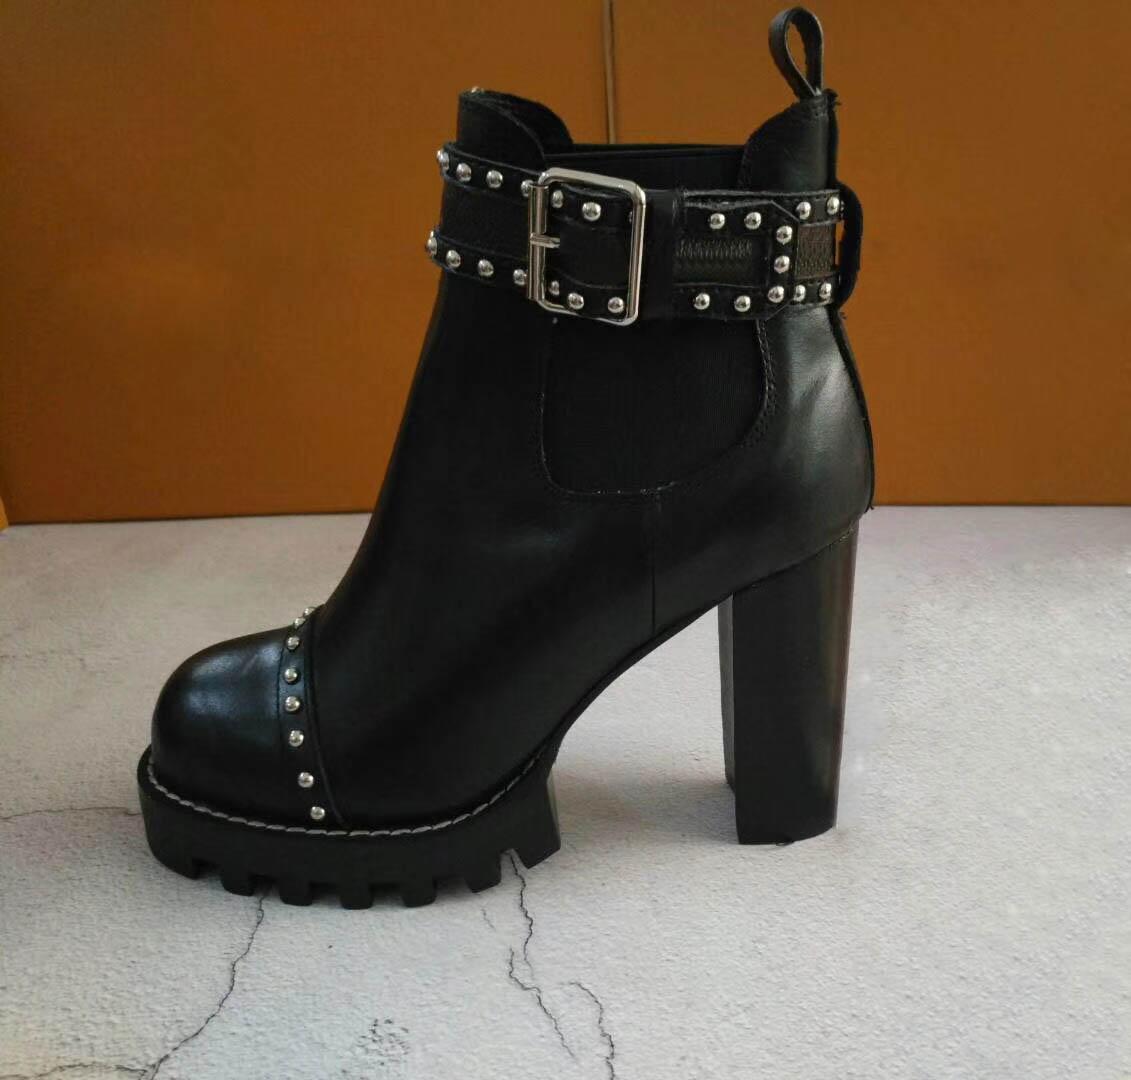 Chaussures en cuir pour femmes Lace up Ribbon Buckle Bottines Factory Directe femme talon rugueux tête ronde automne hiver Martin BootsSIZE.35-4